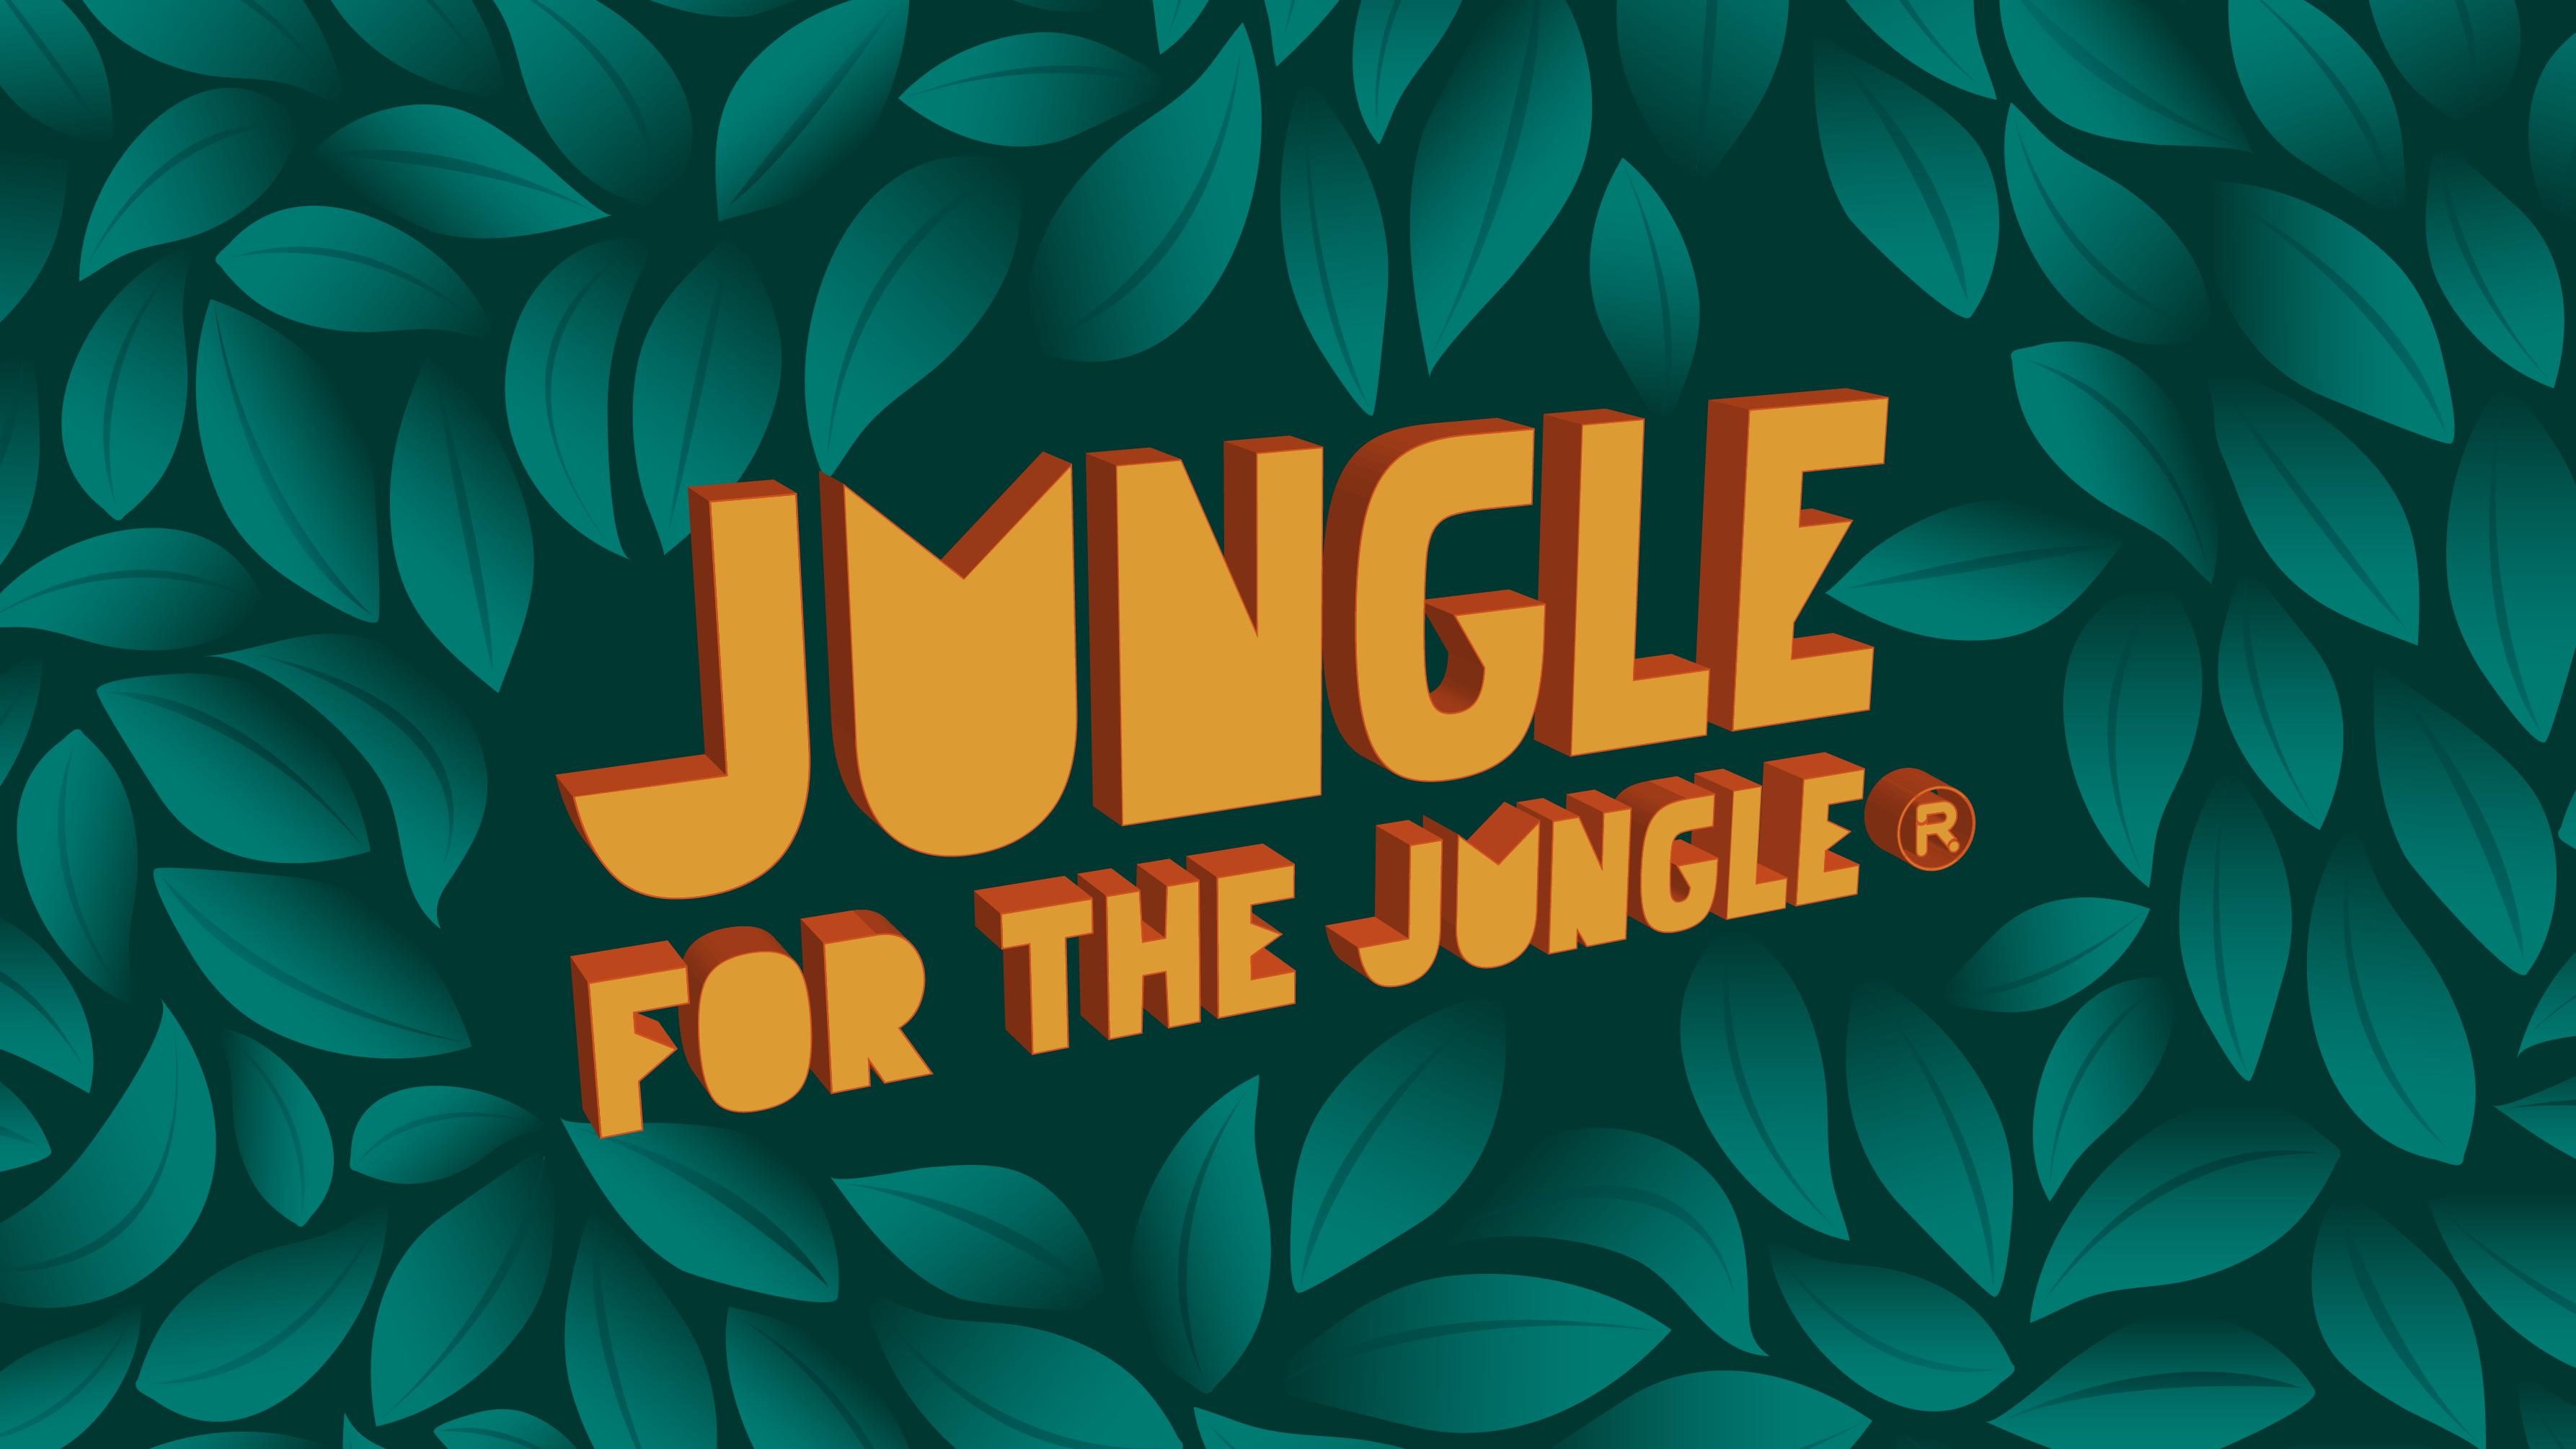 Jungle for the Jungle